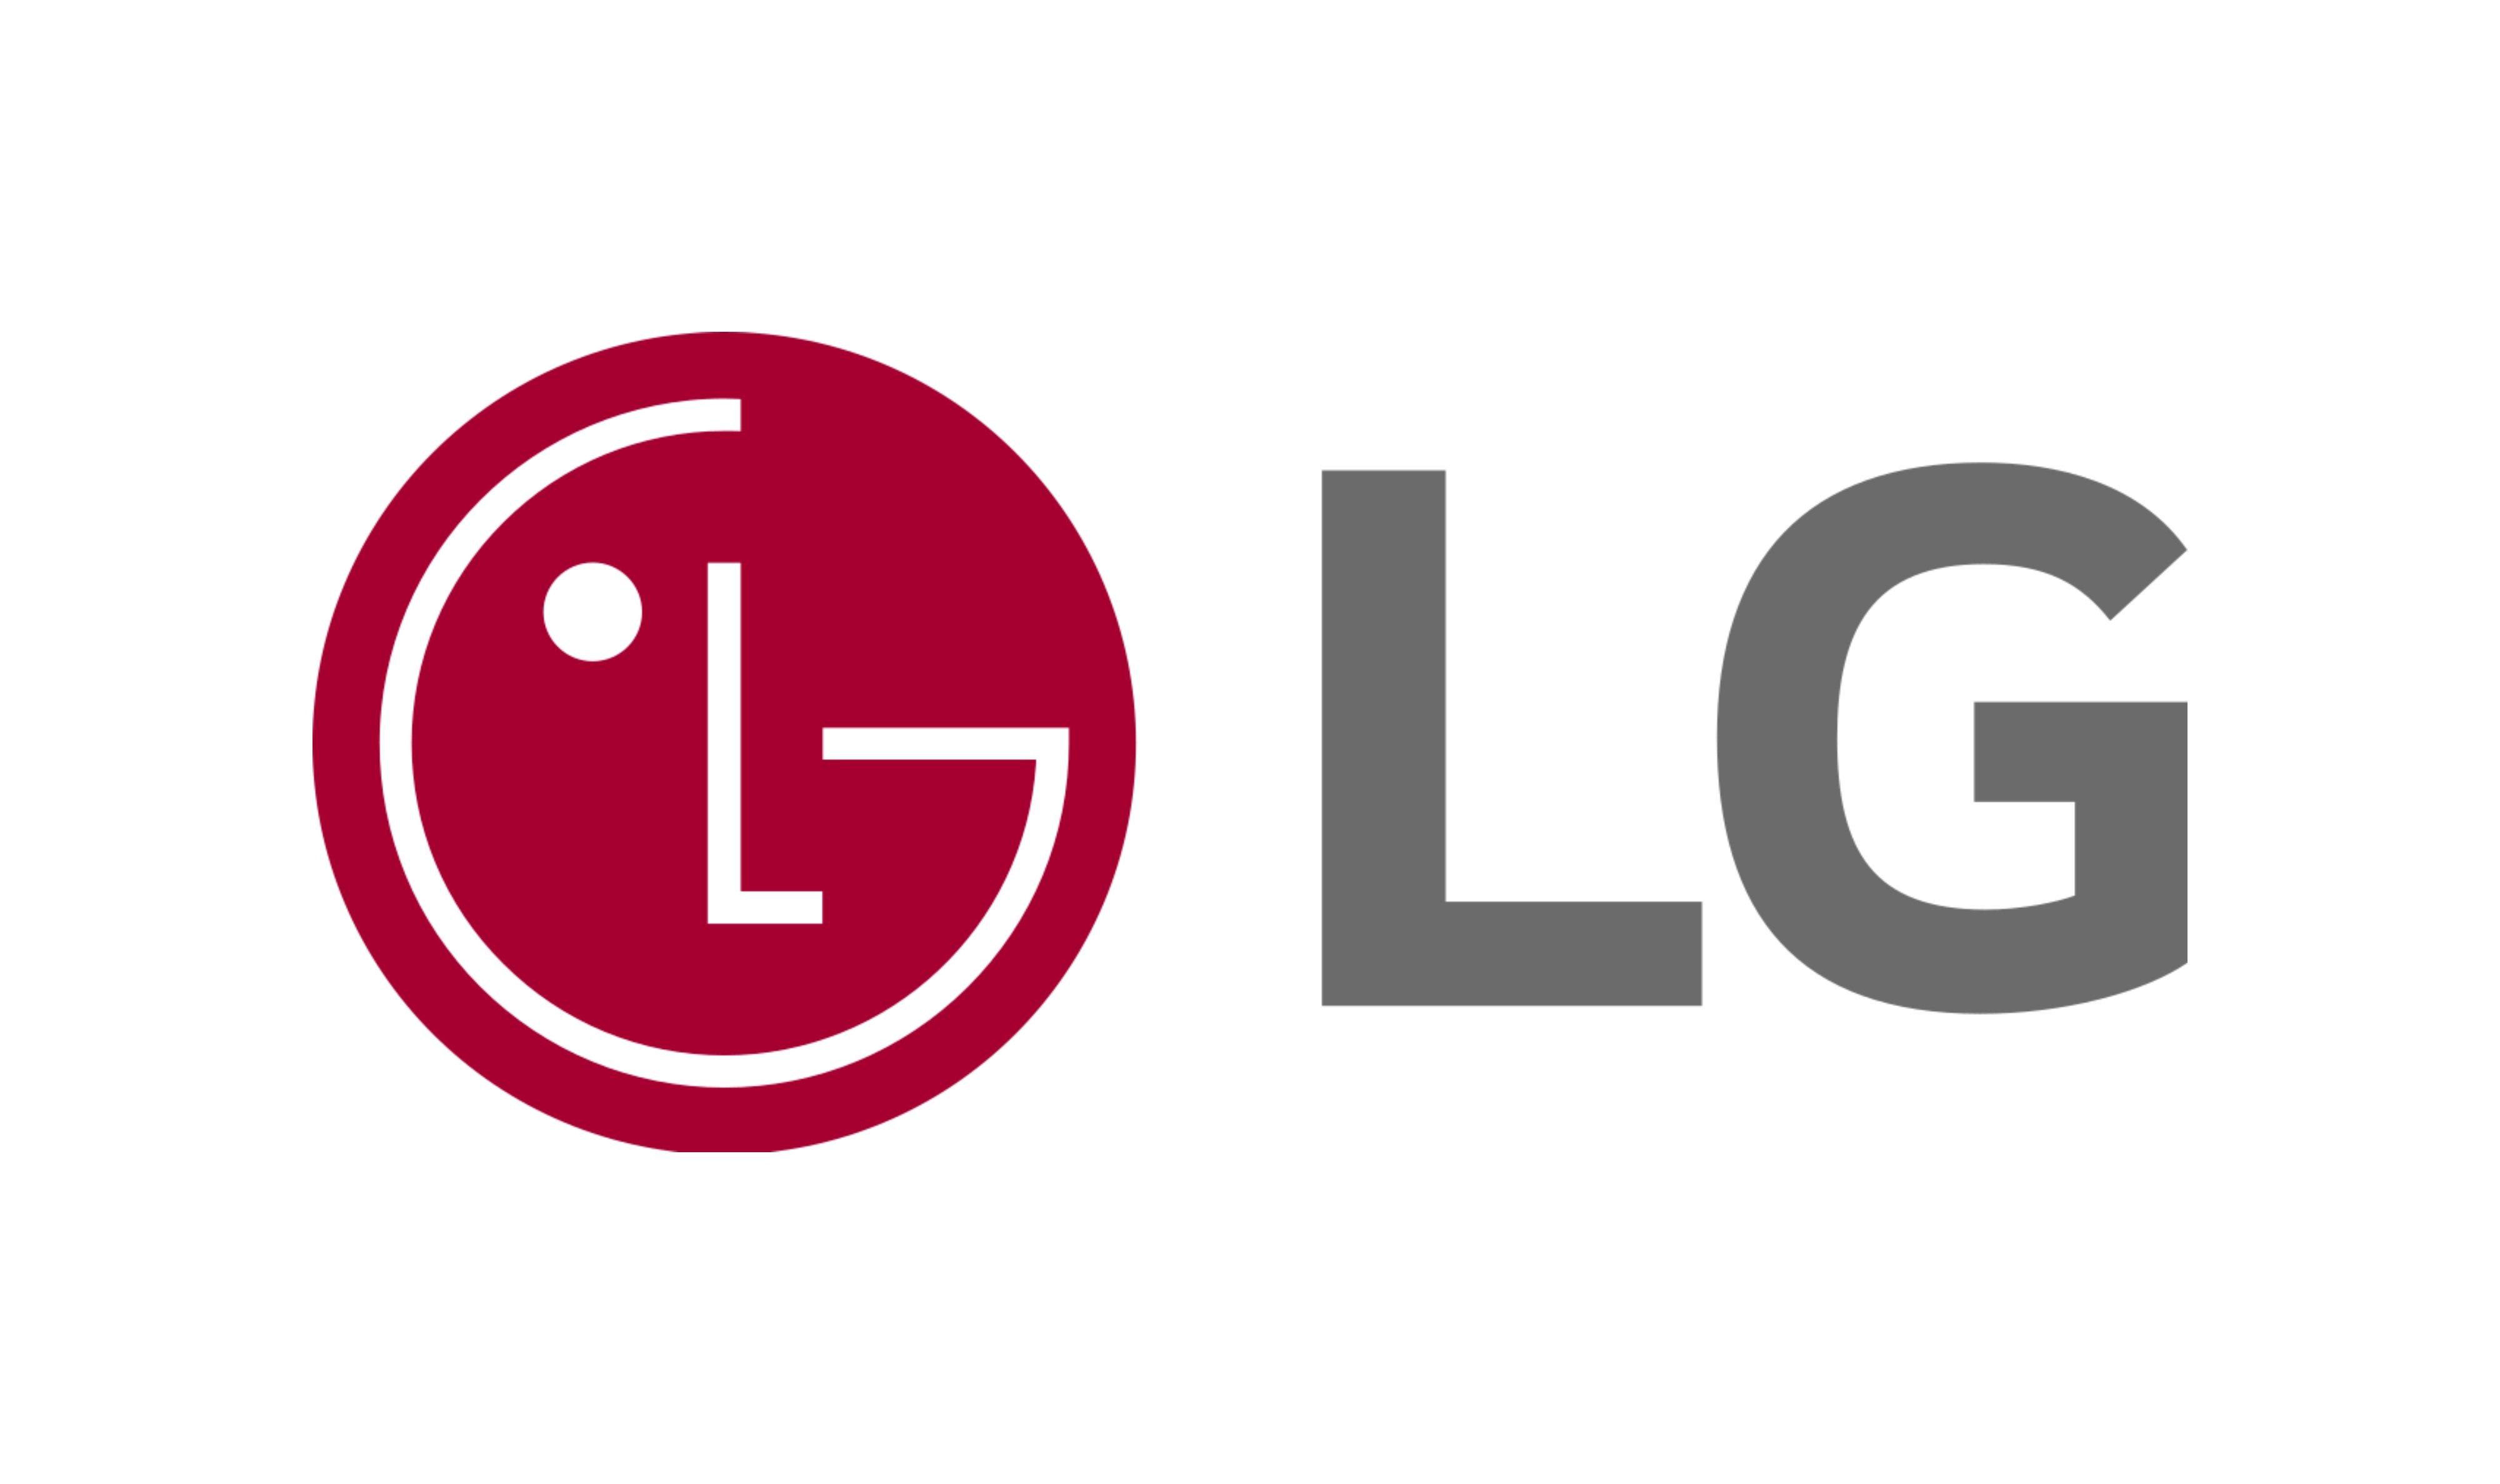 Logotipo de LG destacado